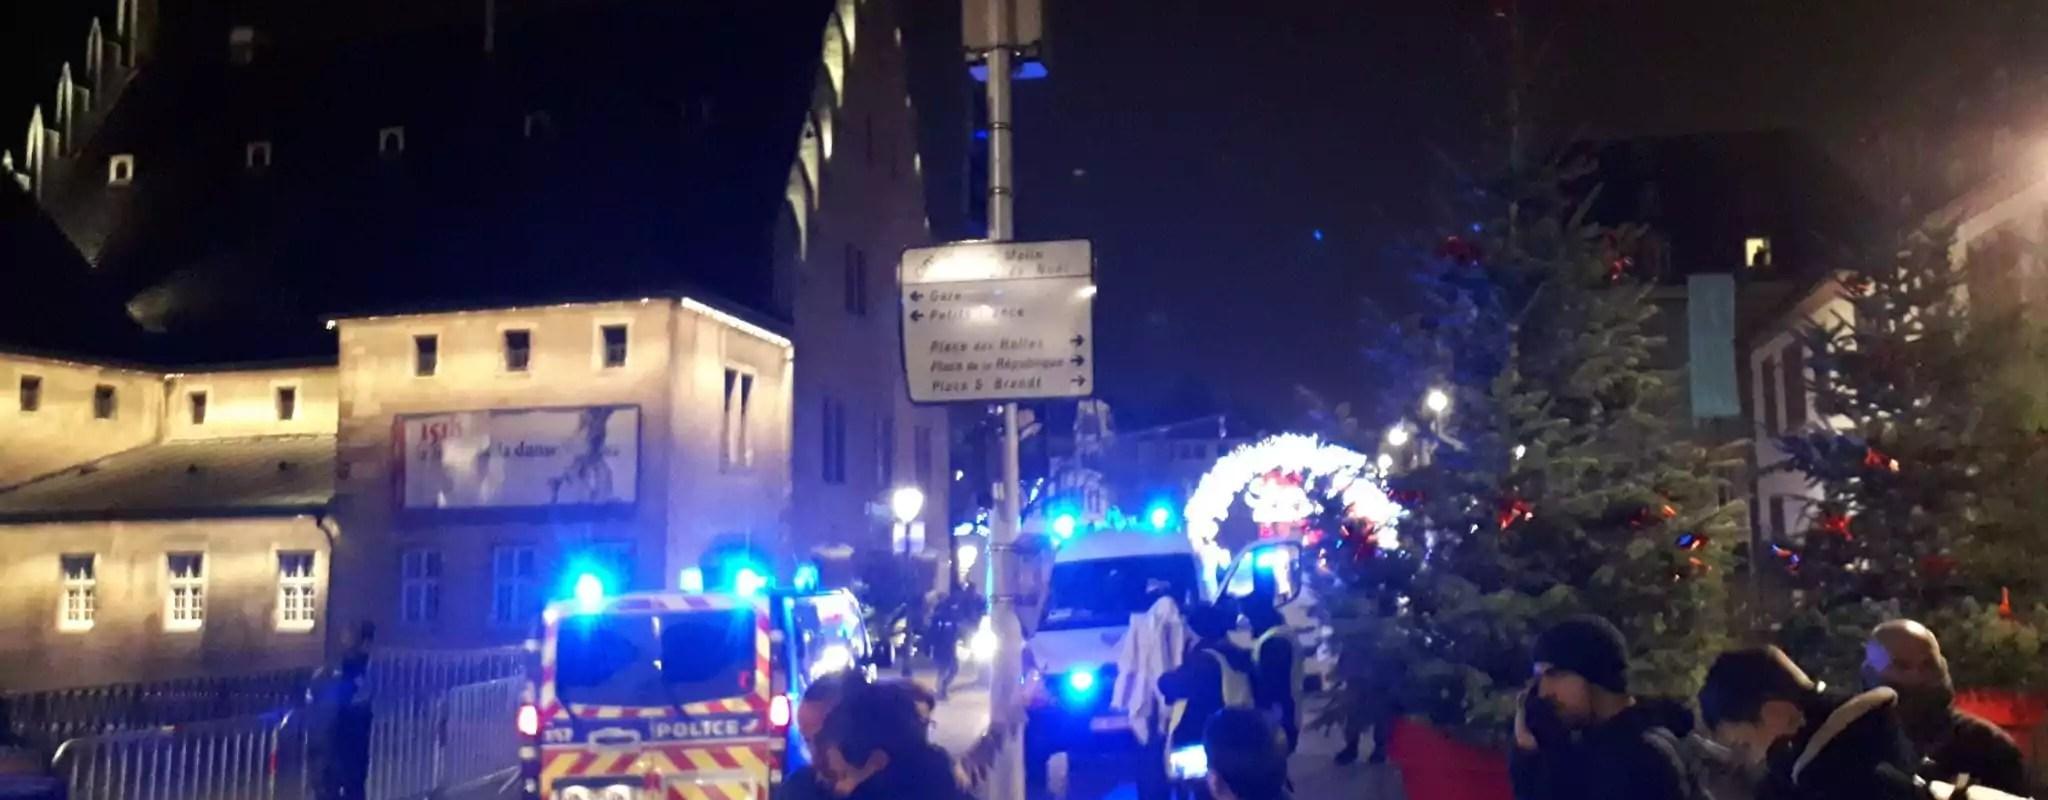 Coups de feu dans le centre-ville de Strasbourg, trois morts et treize blessés